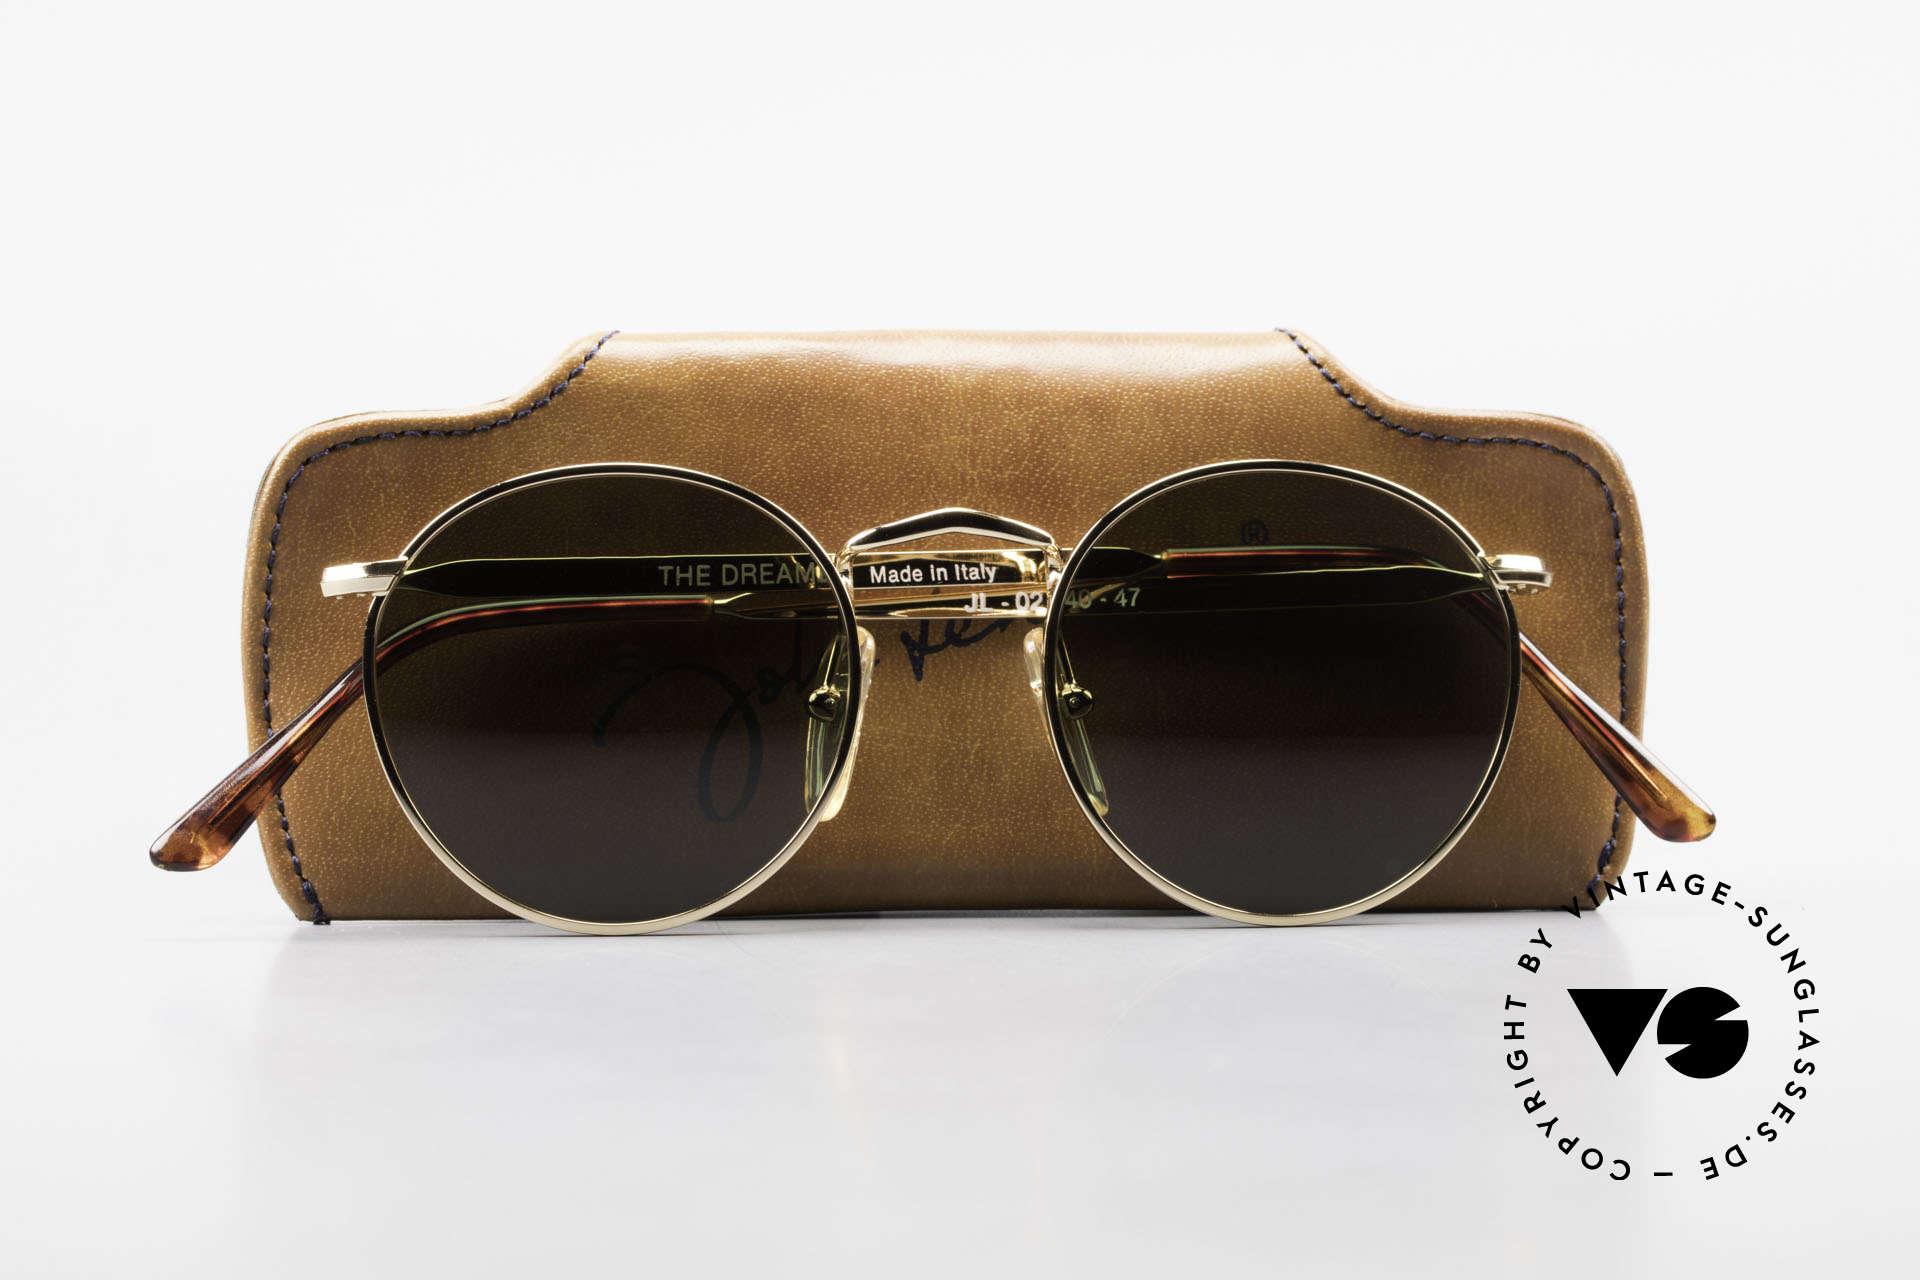 John Lennon - The Dreamer Original JL Collection Glasses, never worn (like all our vintage John Lennon sunglasses), Made for Men and Women